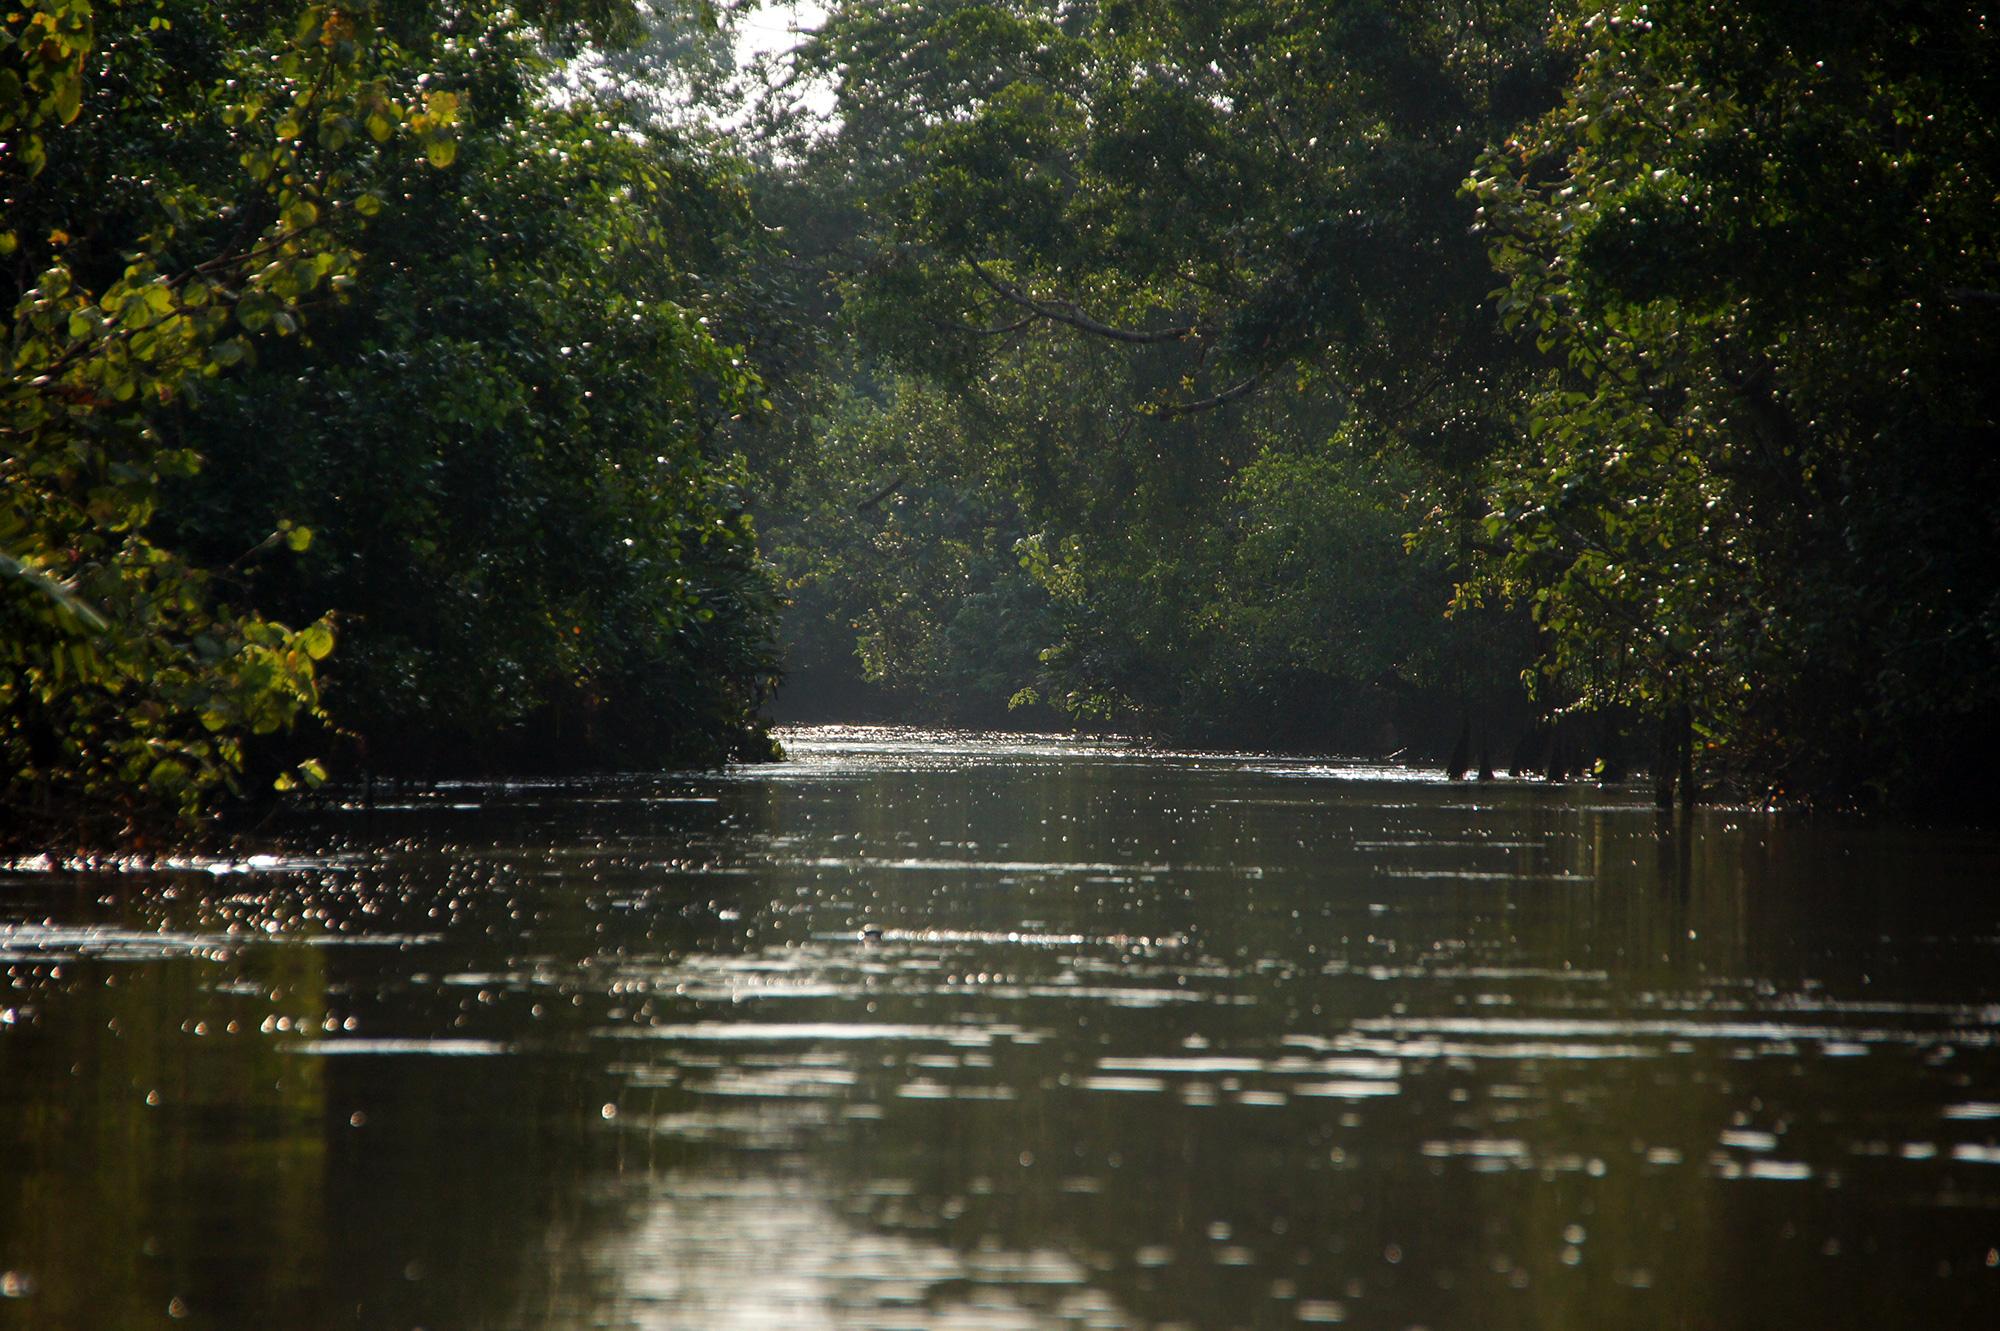 ジャングルの中の川のフリー写真素材